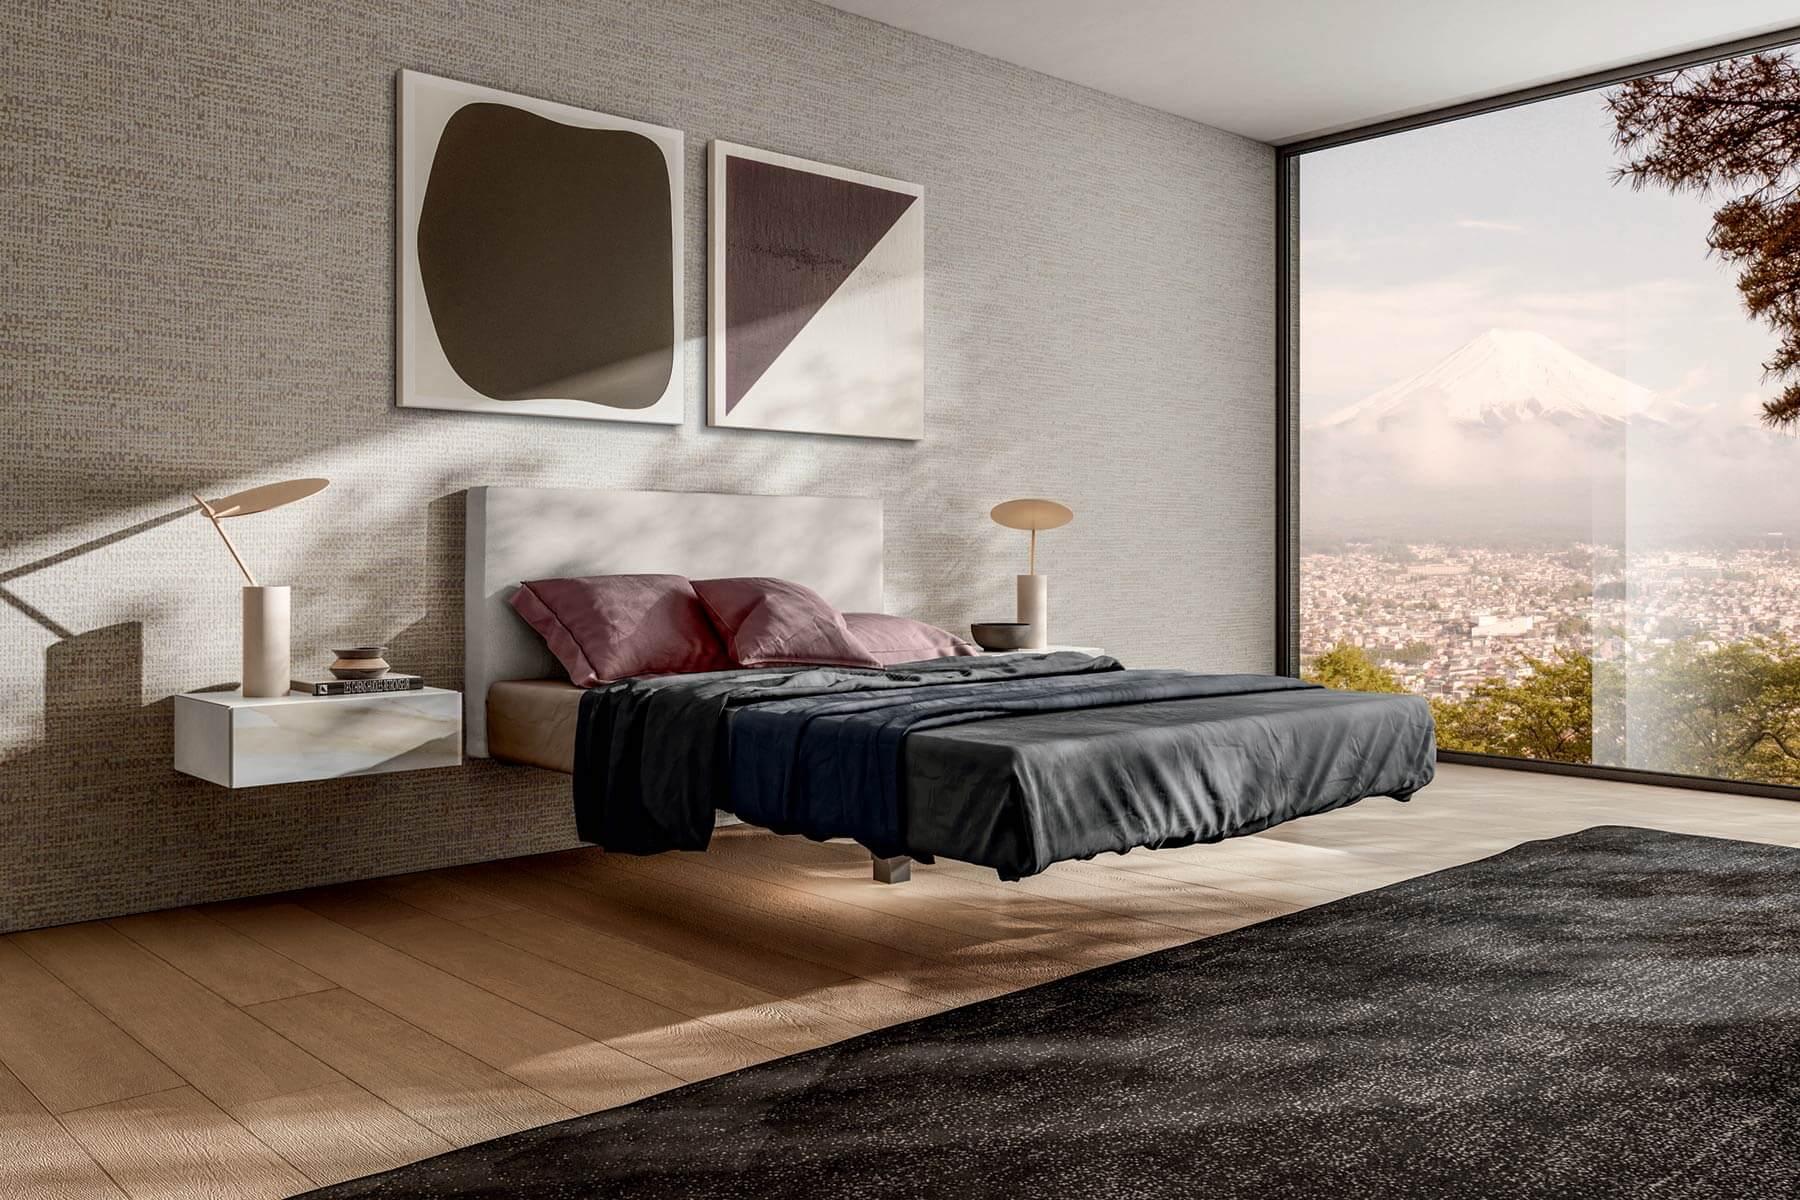 01_Bedroom-Kyoto-letto-nuovo-DEF-REV